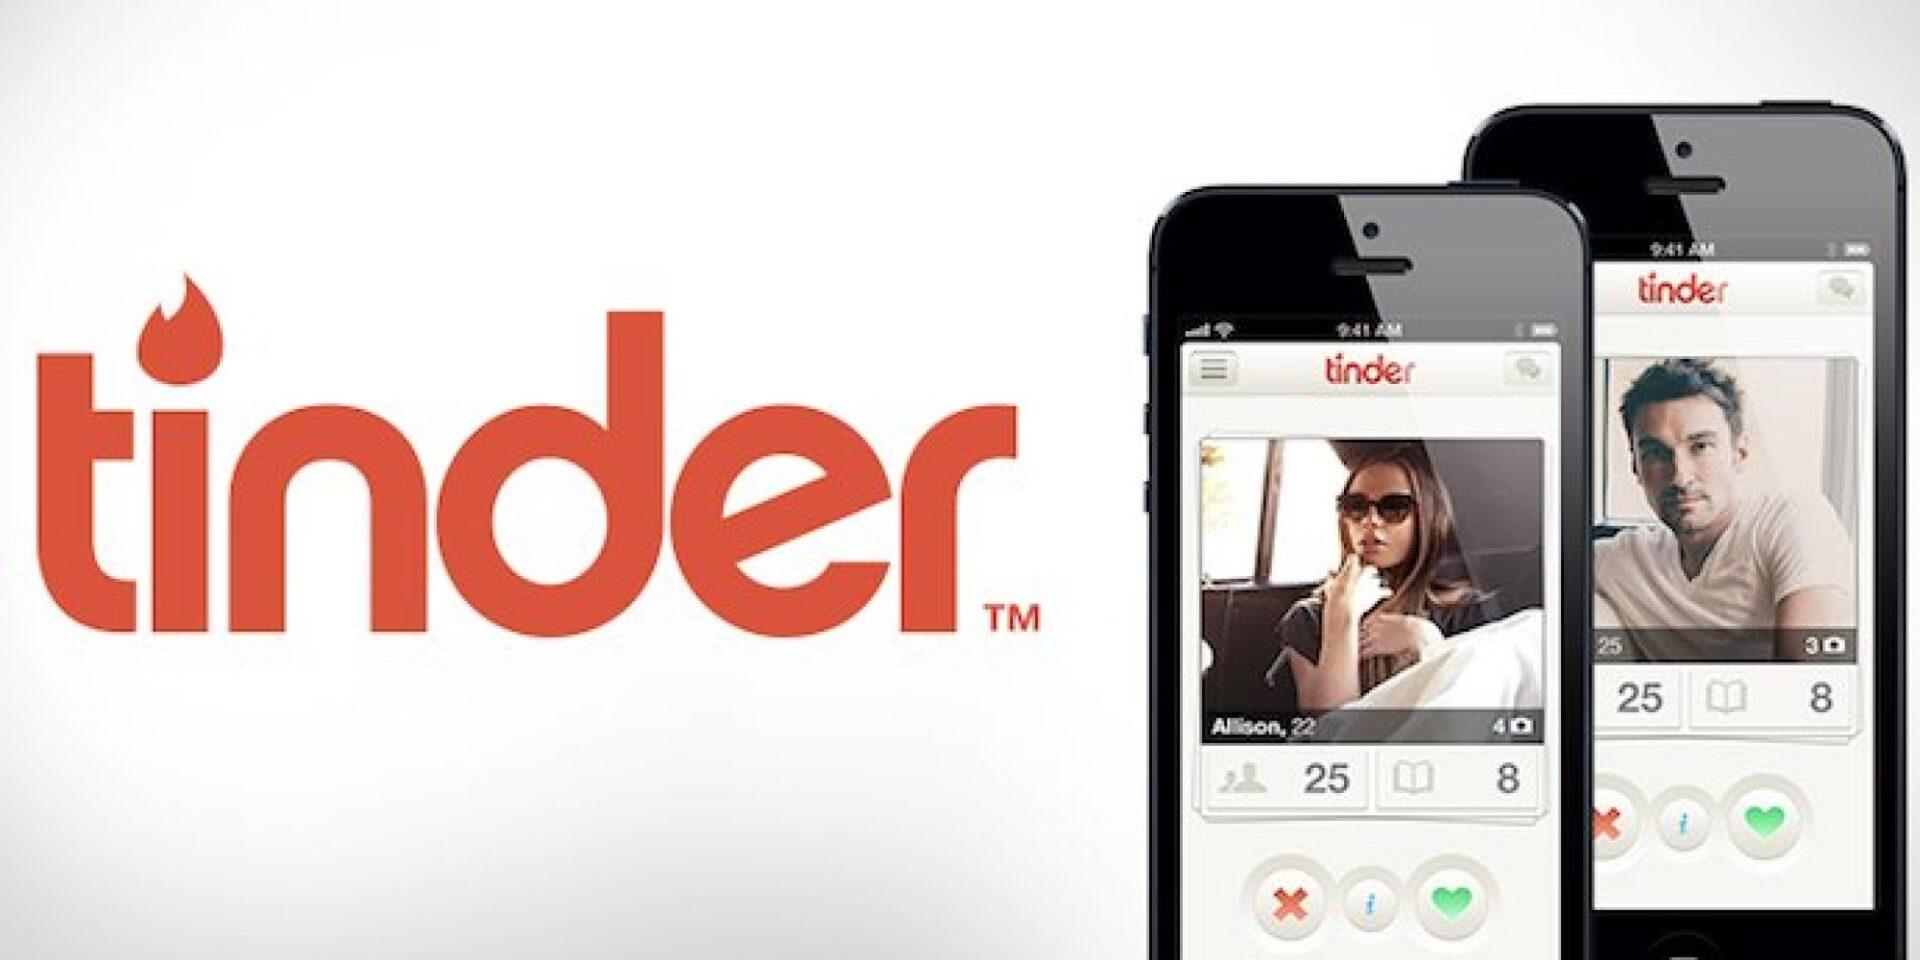 tinder_image